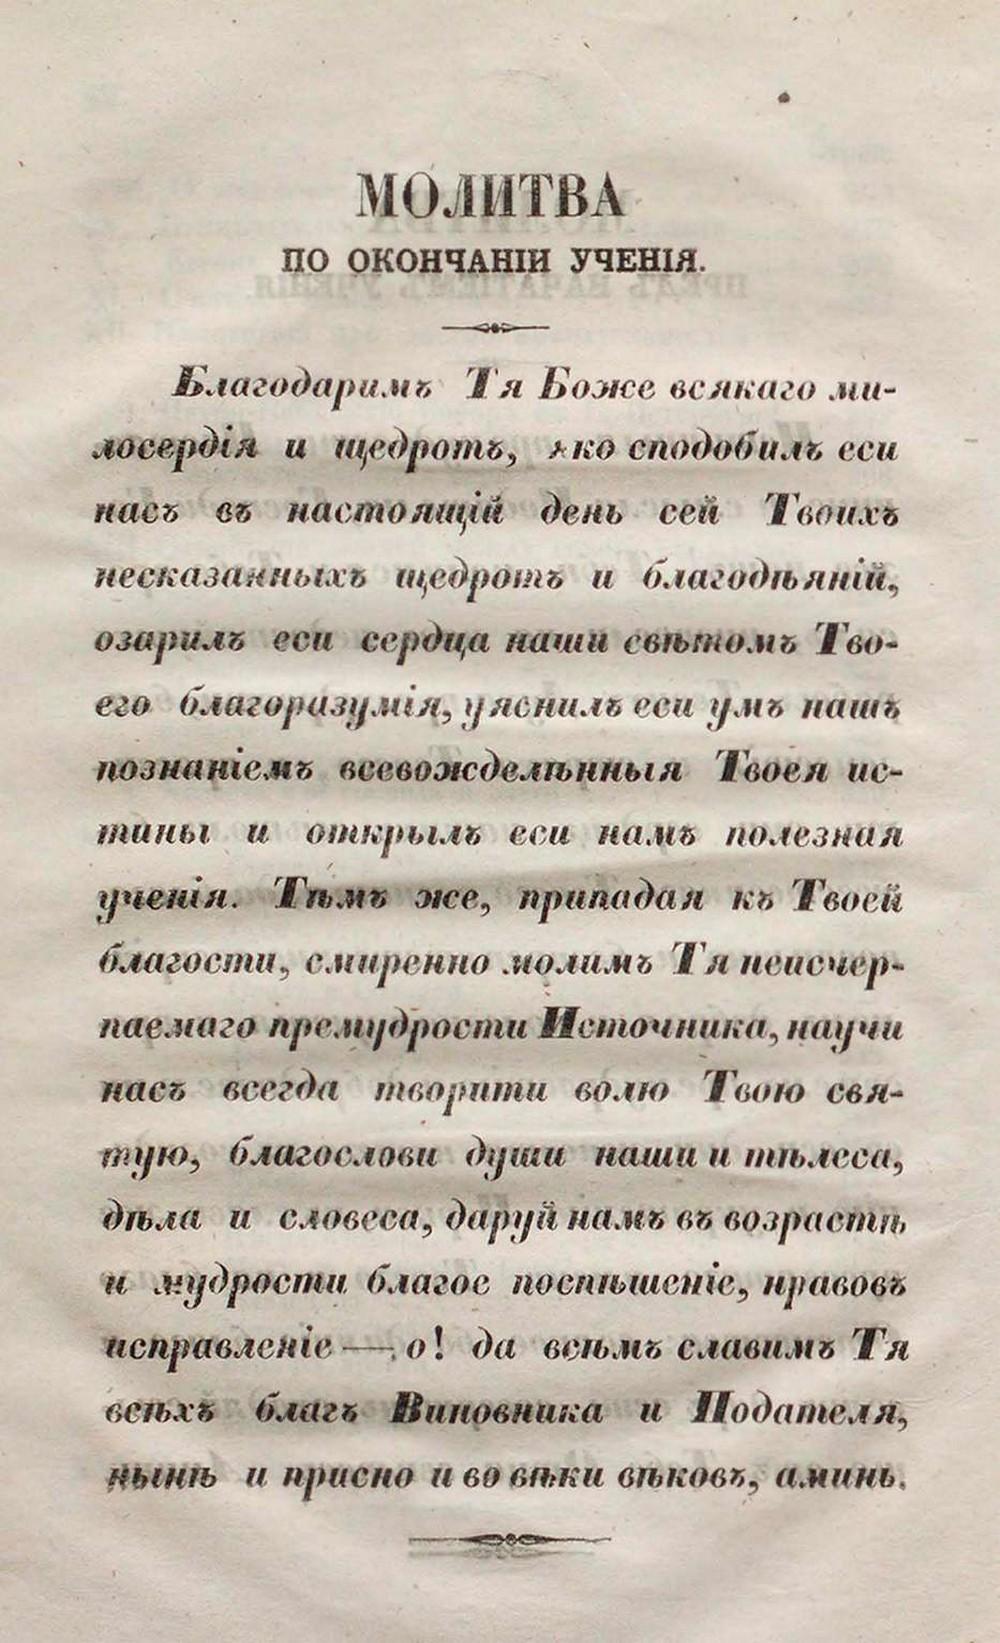 http://i5.imageban.ru/out/2013/12/26/fb563fff6256796a0958e3d135115b83.jpg